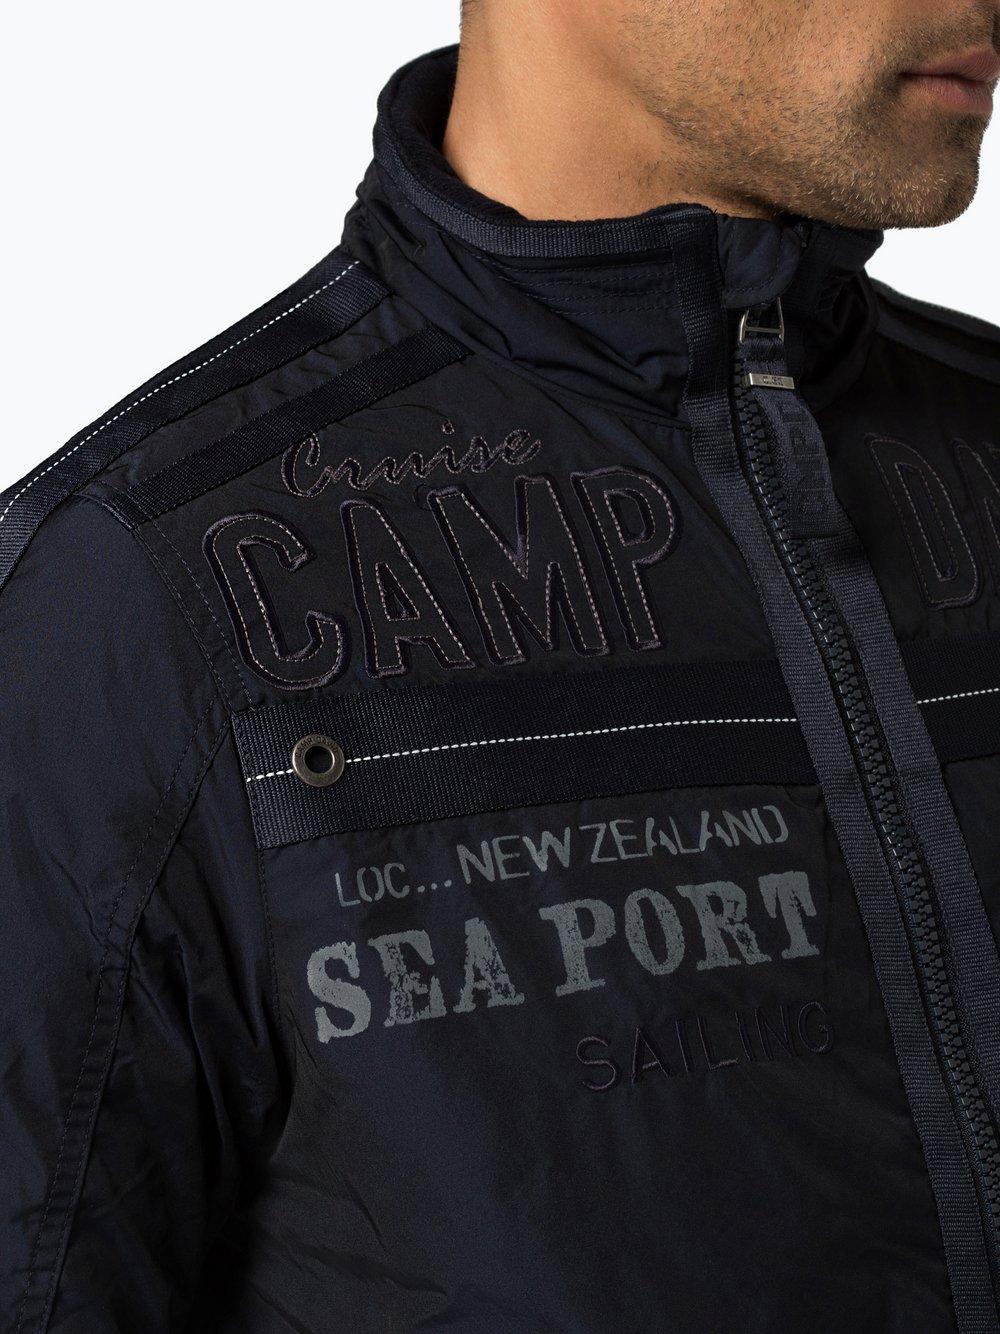 großartiges Aussehen Einkaufen Schnäppchen 2017 Camp David Herren Jacke online kaufen | PEEK-UND-CLOPPENBURG.DE